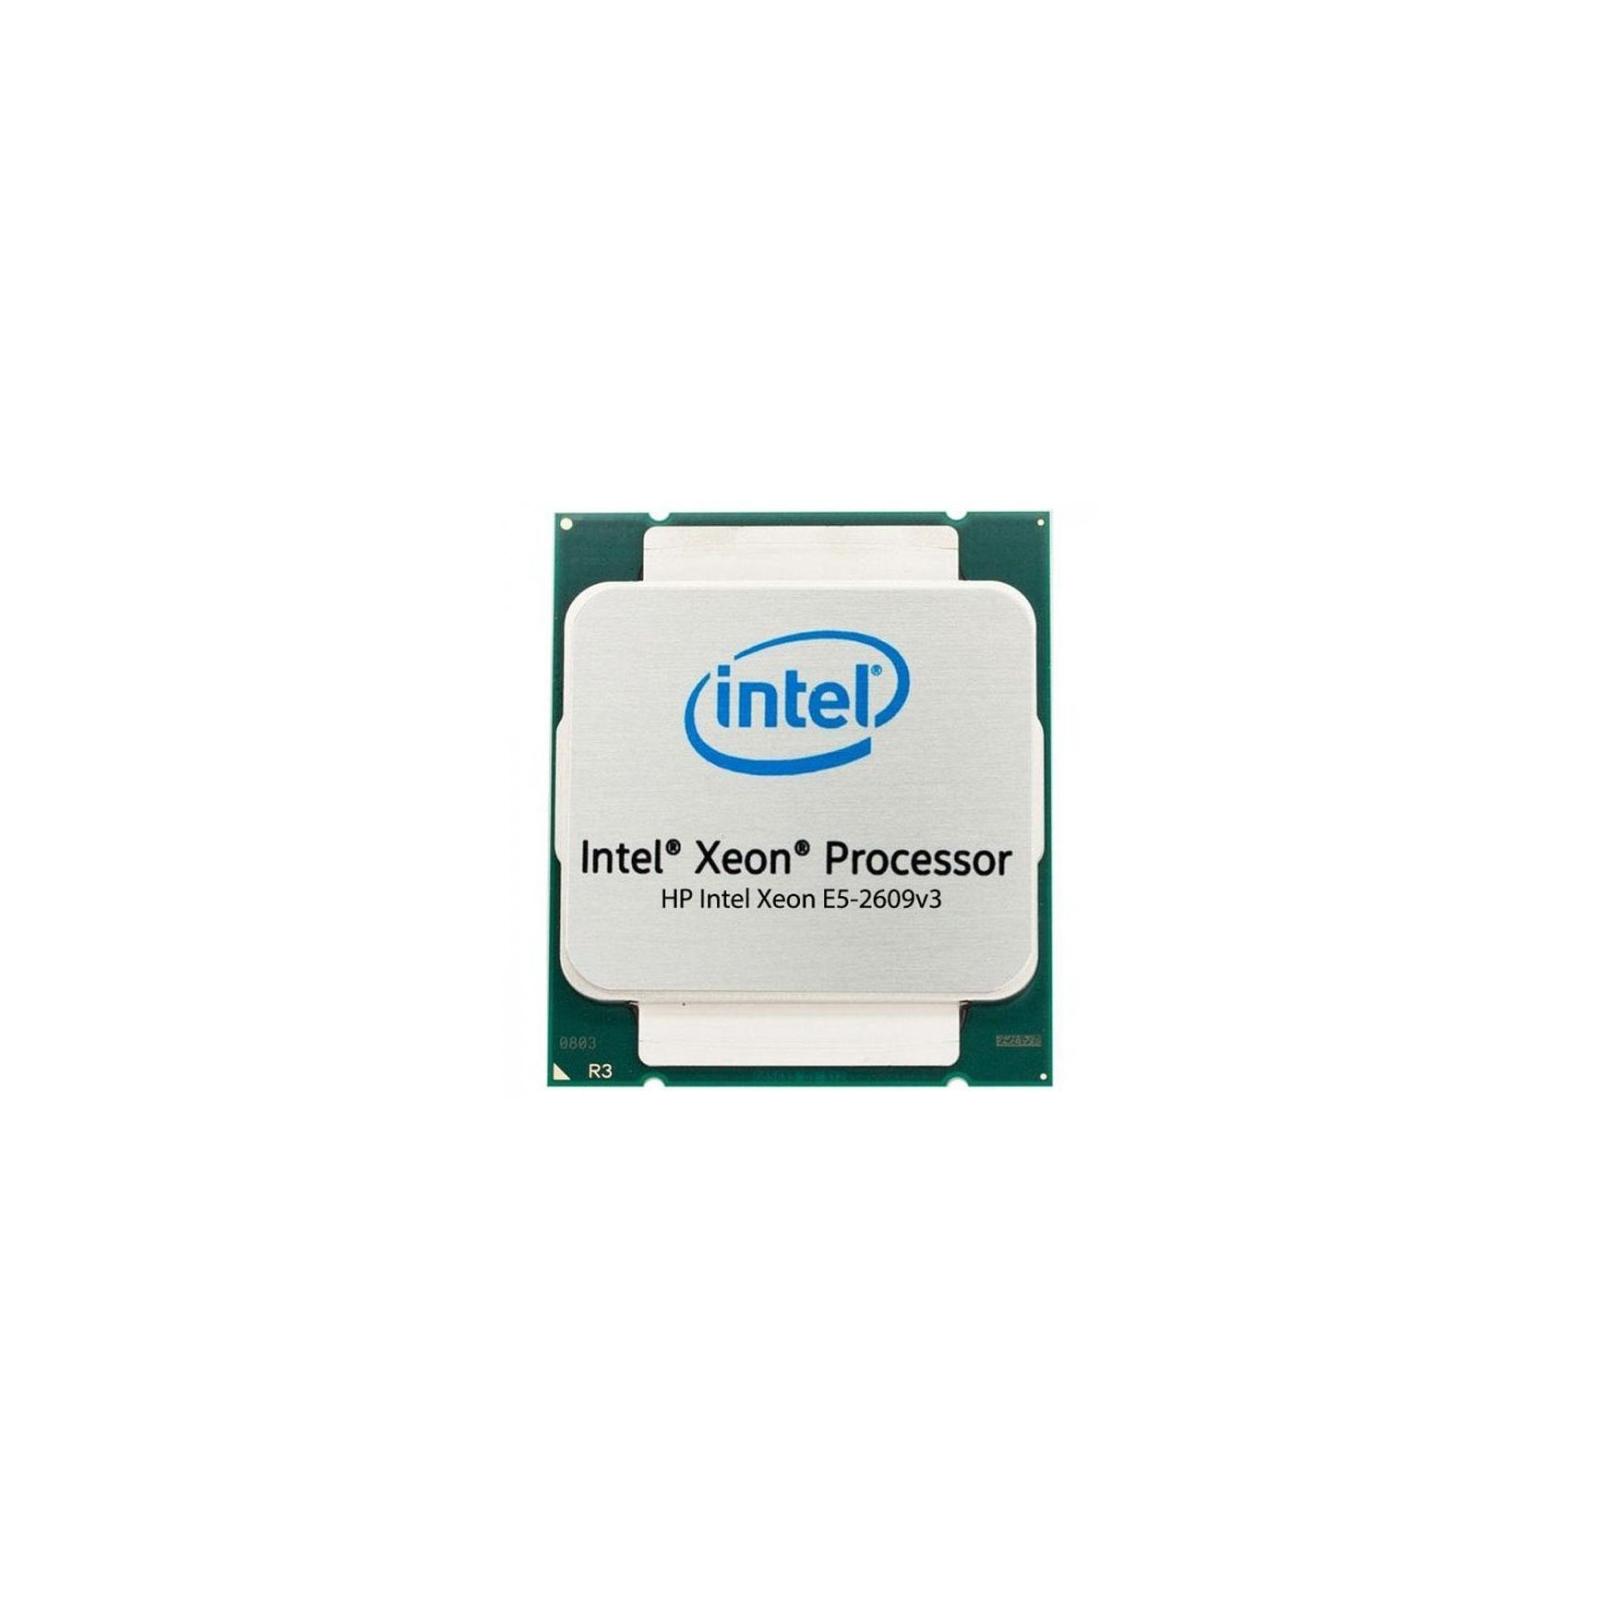 Процессор серверный HP Xeon E5-2609v3 Gen9 Kit DL160 (733943-B21)